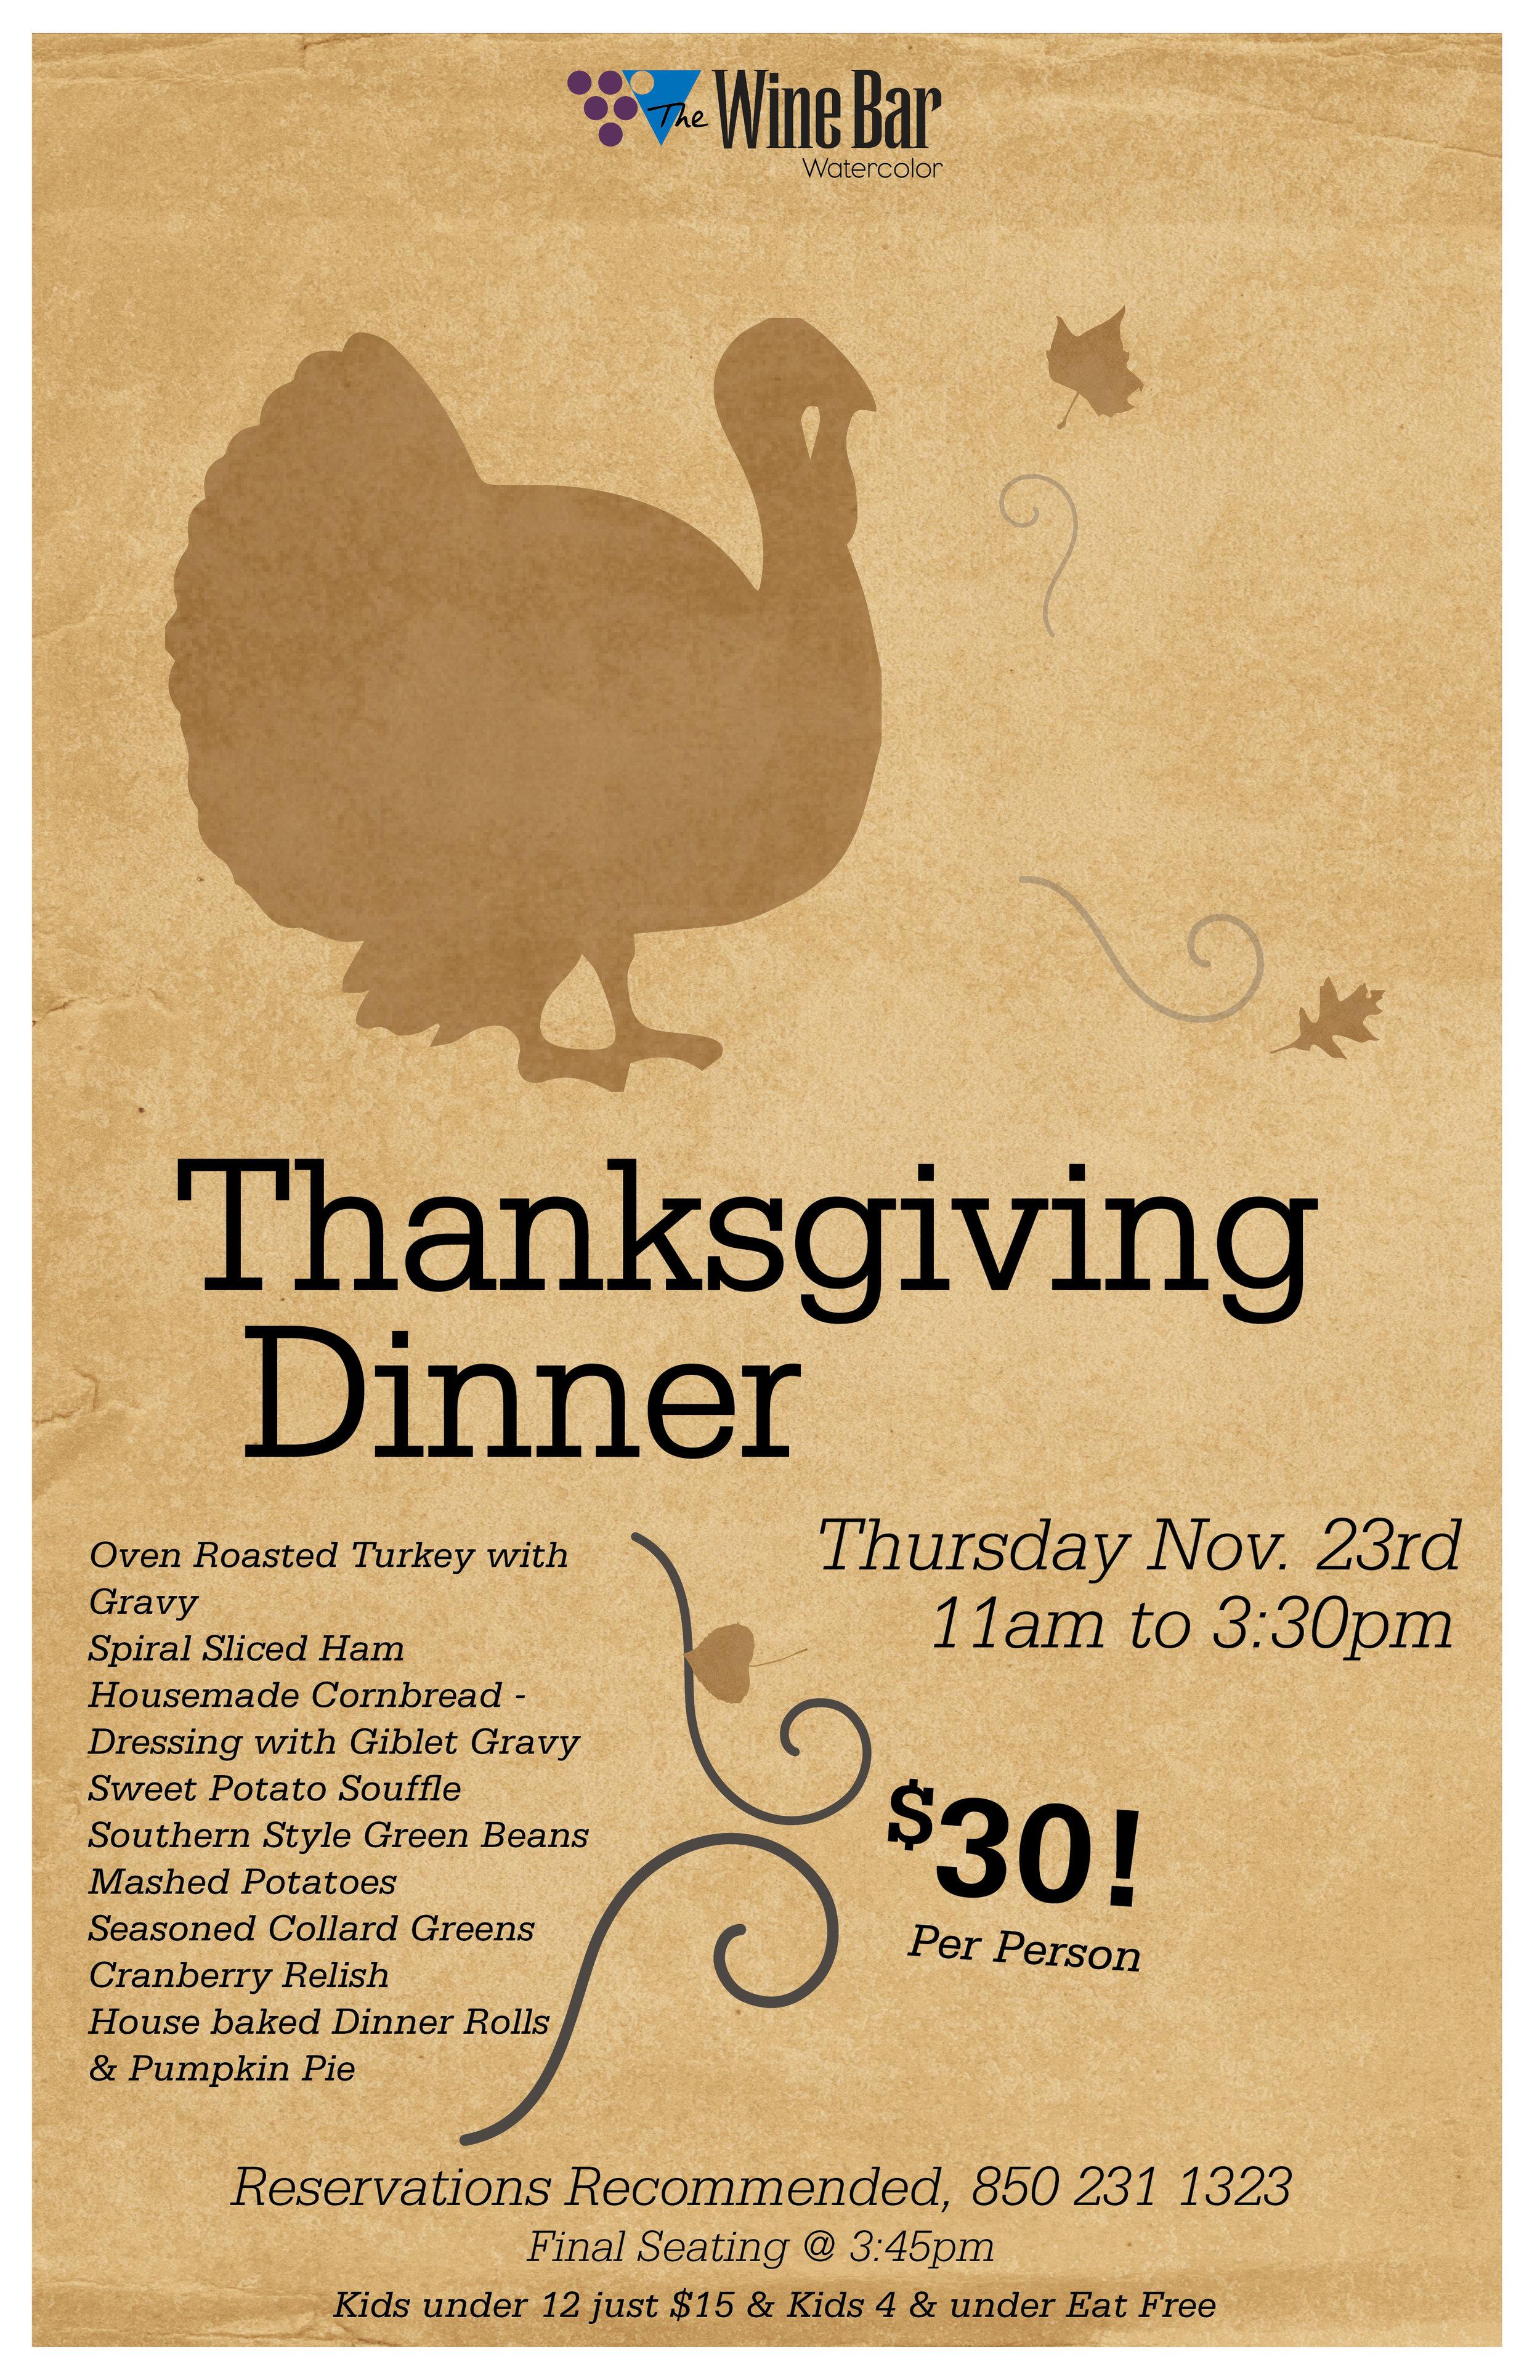 2017_Thanksgiving Dinner Poster.jpg